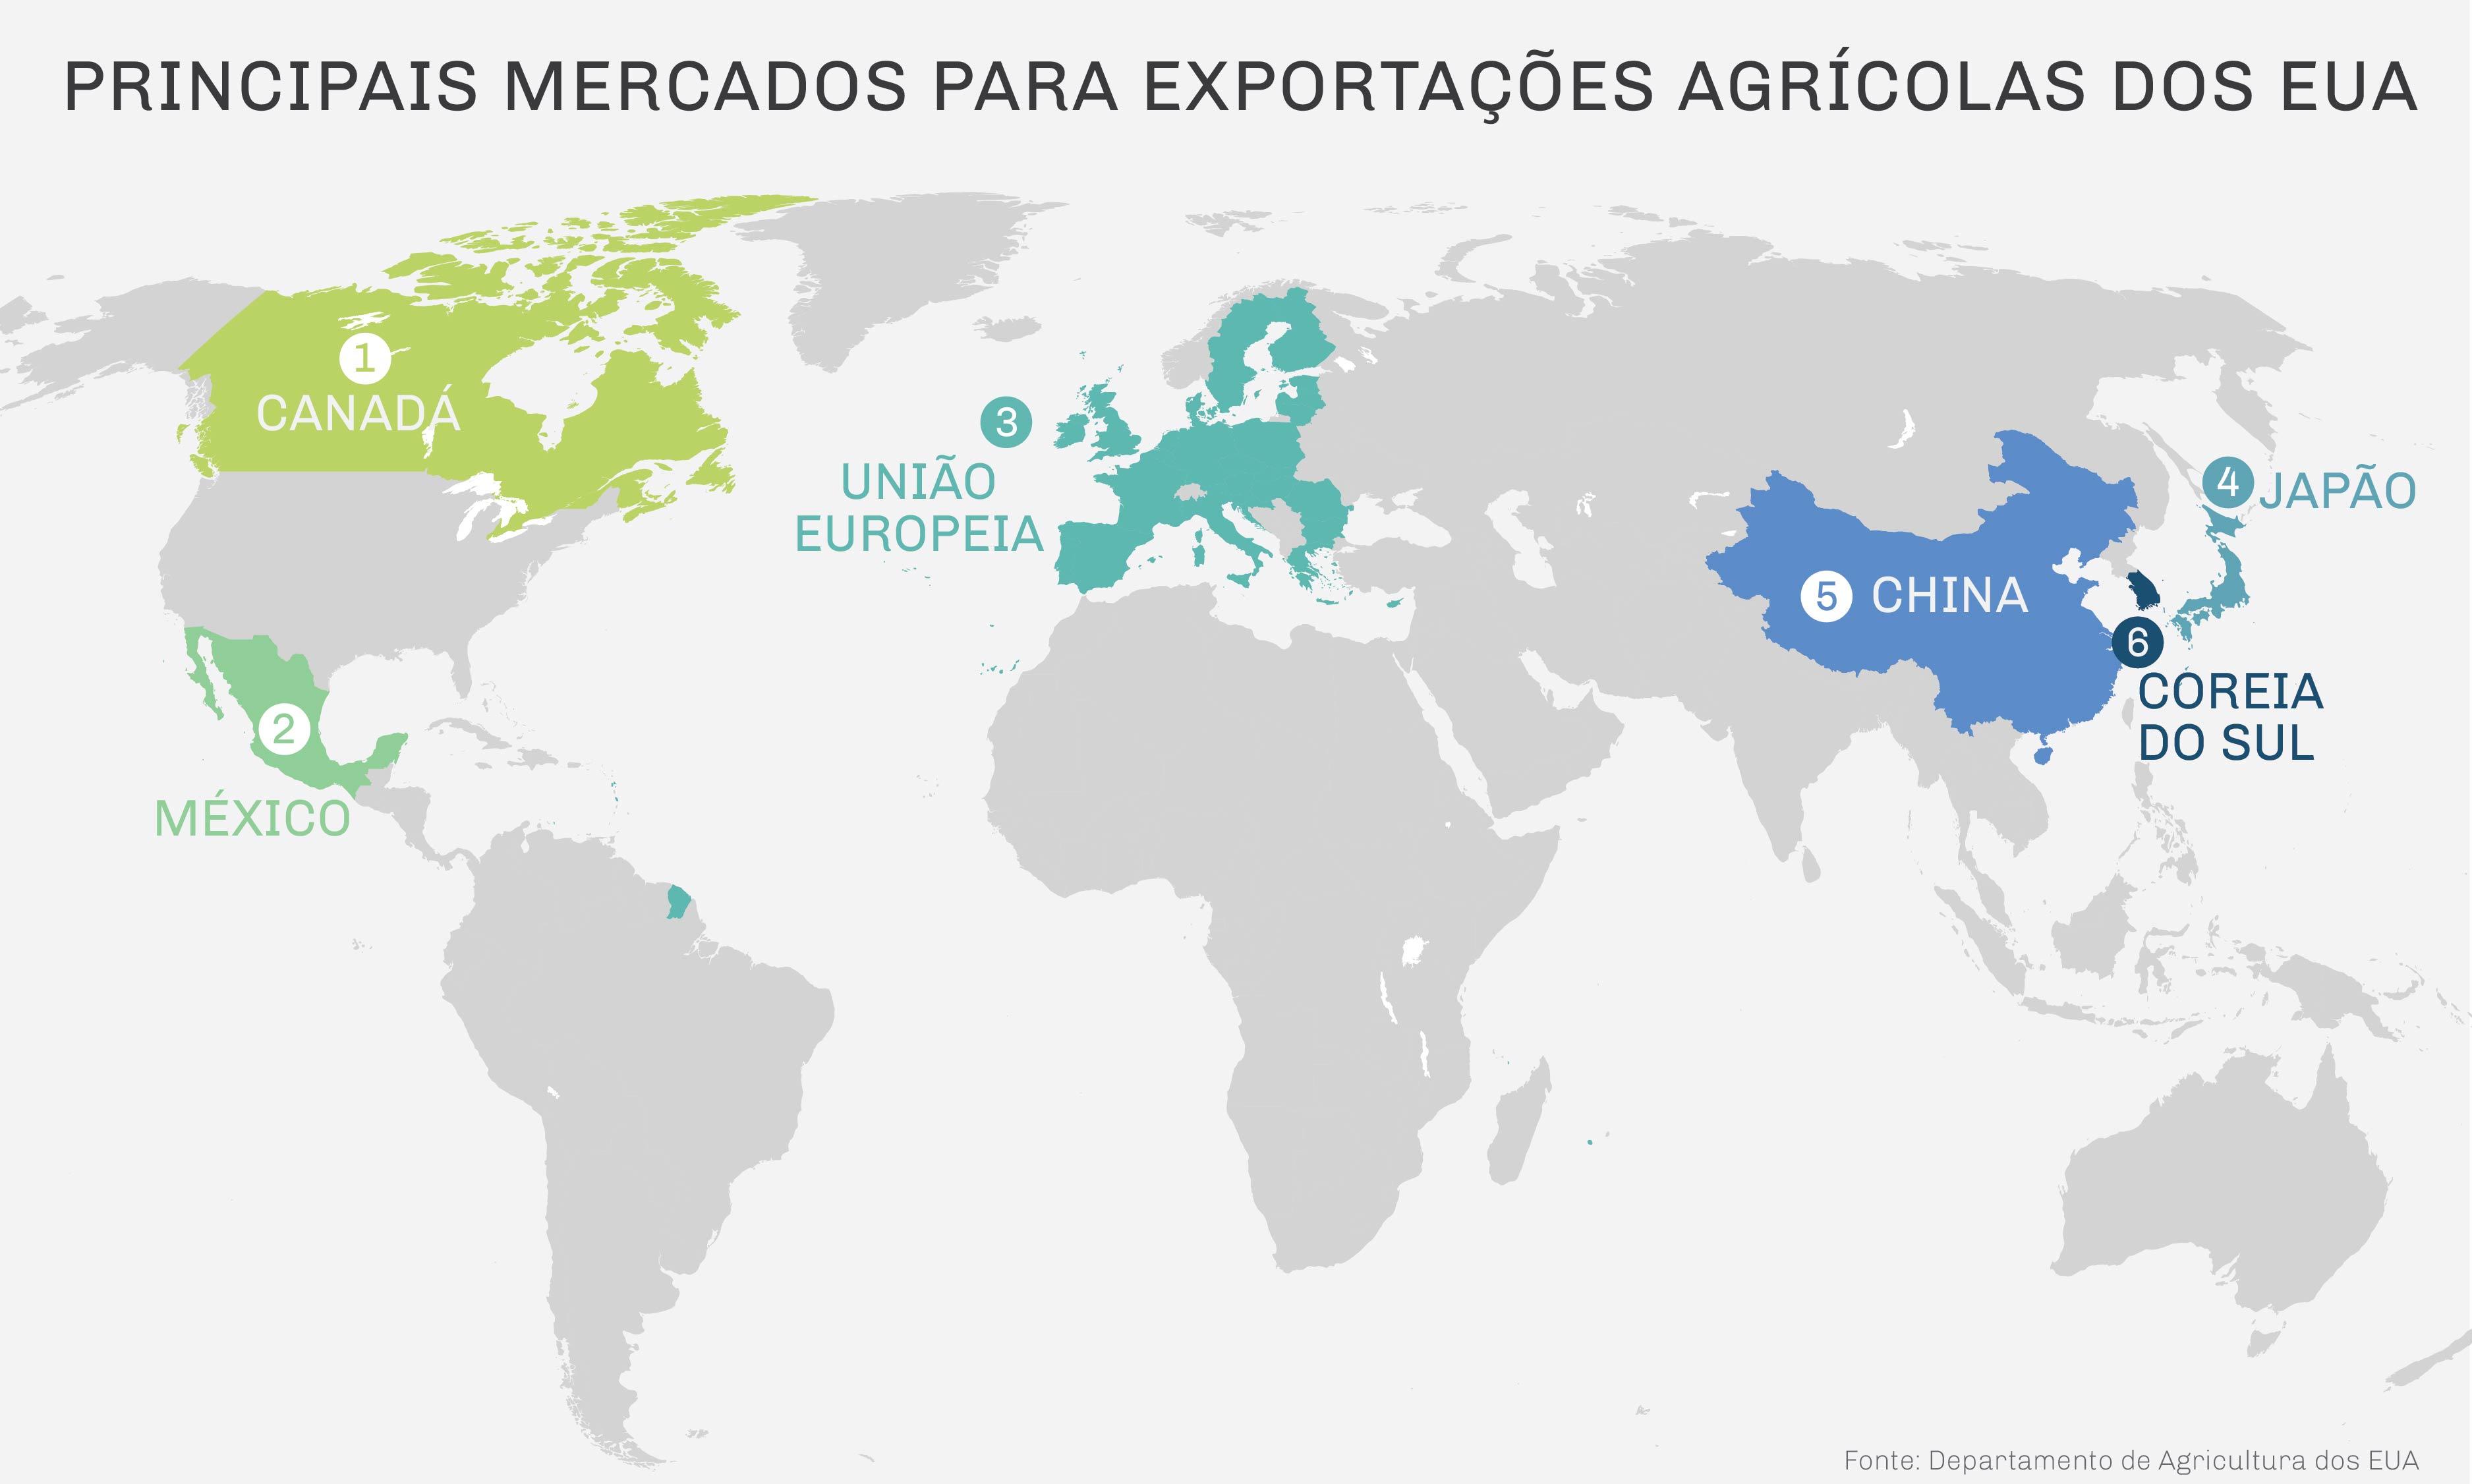 Mapa-múndi mostra os principais destinatários das exportações agrícolas dos EUA (Departamento de Estado/J. Maruszewski)